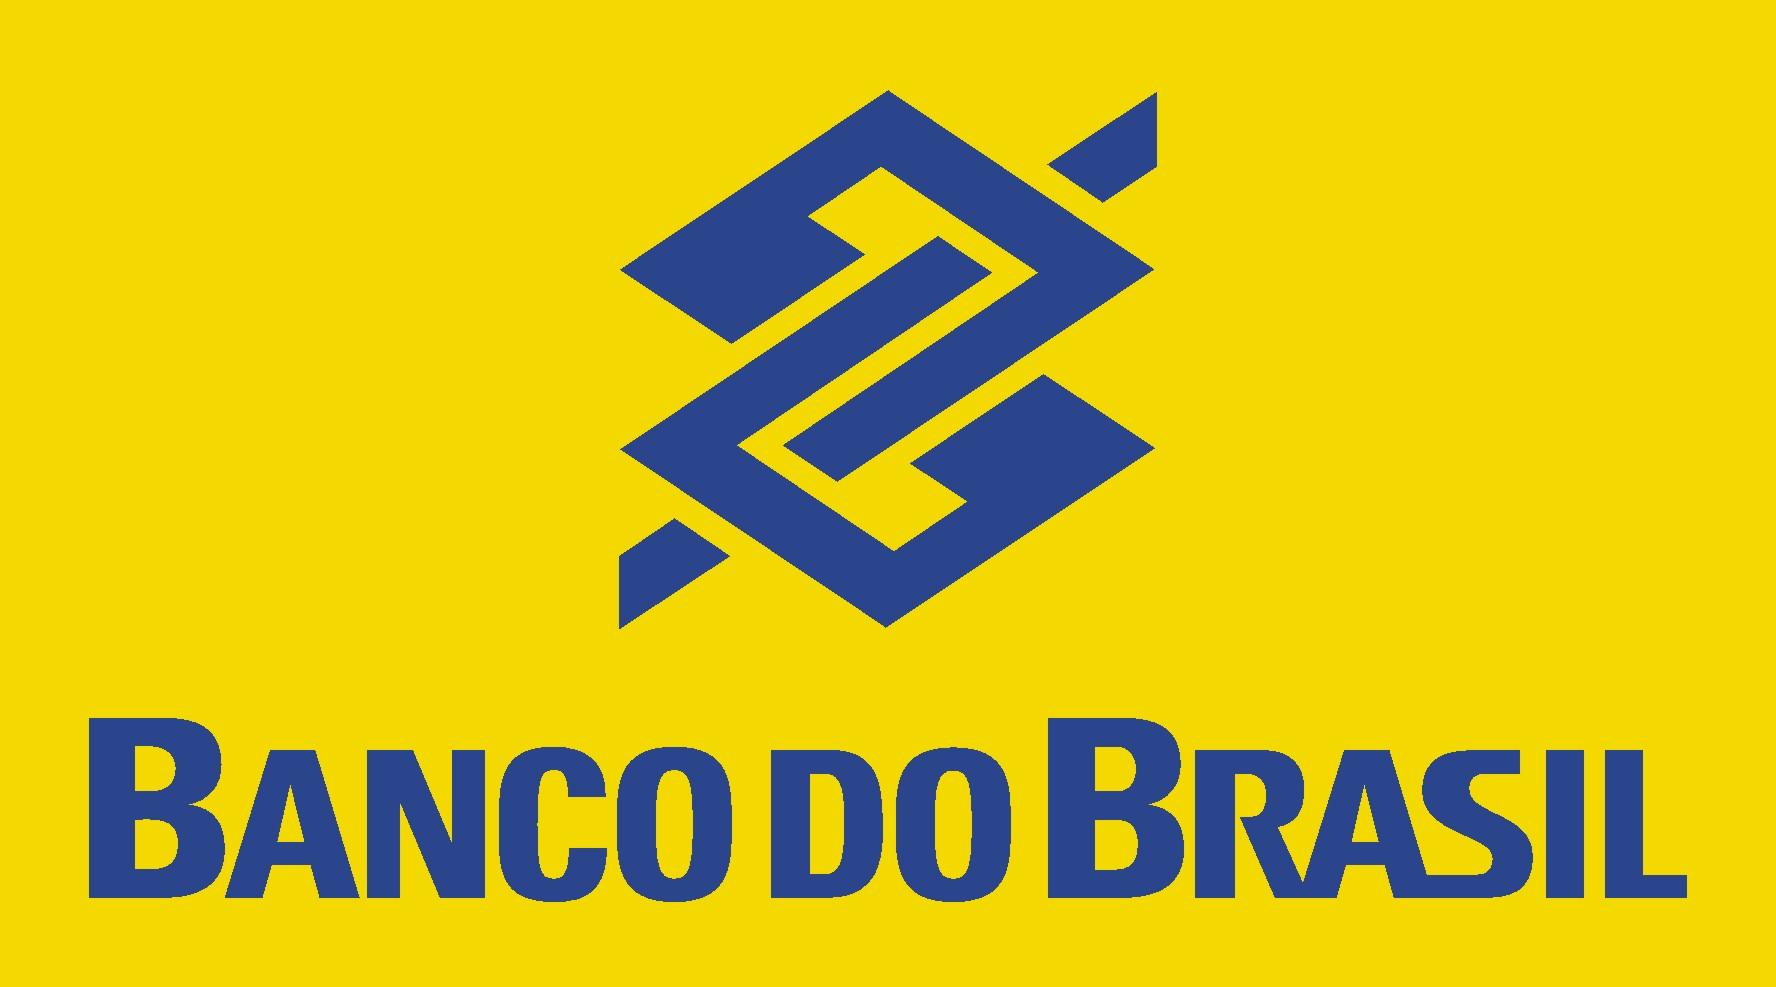 Banco Do Brasil Logopedia Fandom Powered By Wikia